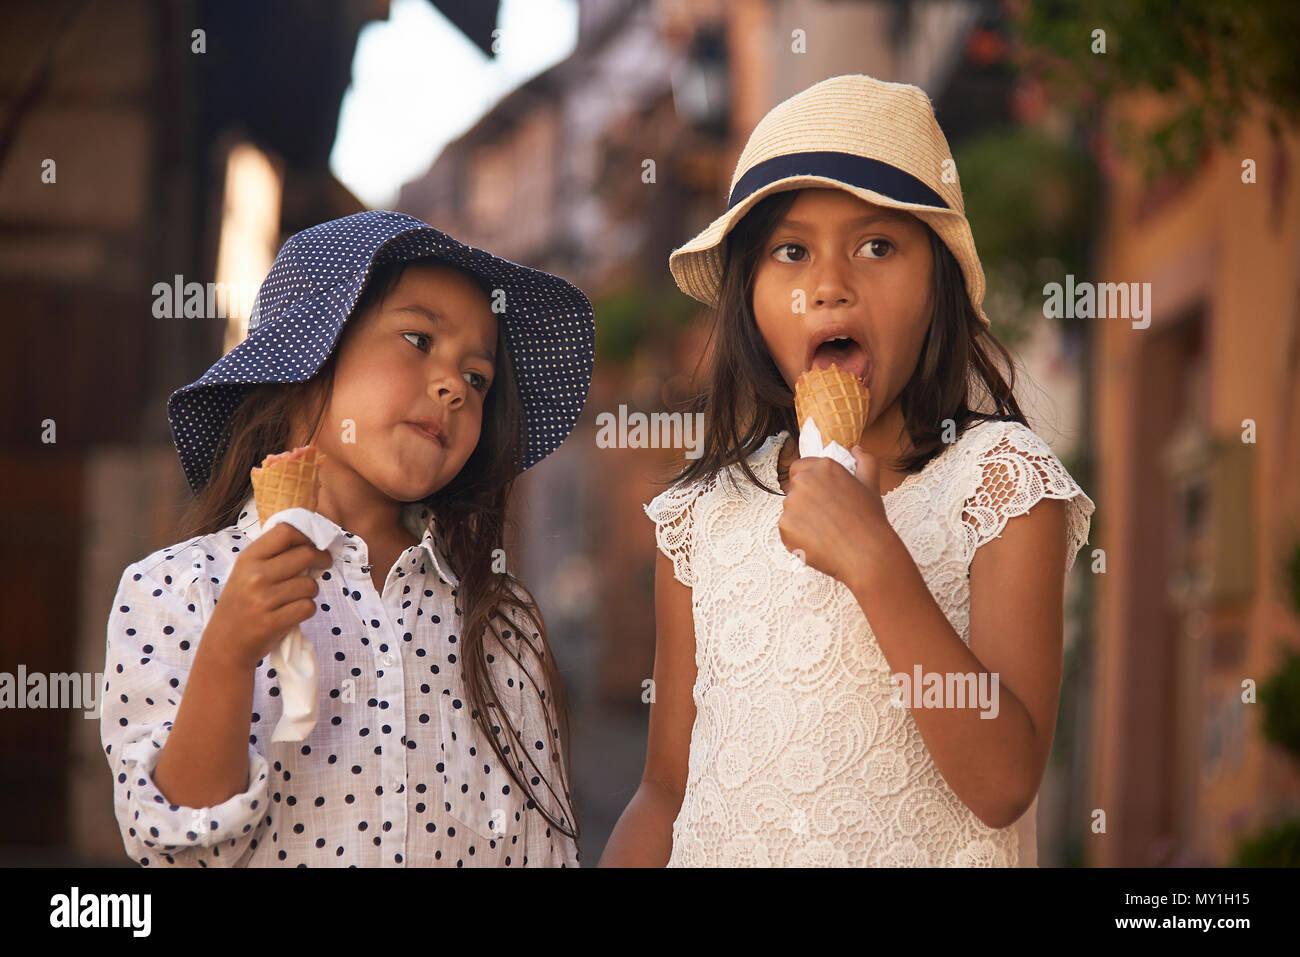 Due graziosi sorelle asiatiche mangiare gelato insieme mentre sono in vacanza nella regione francese dell'Alsazia durante l'estate Immagini Stock